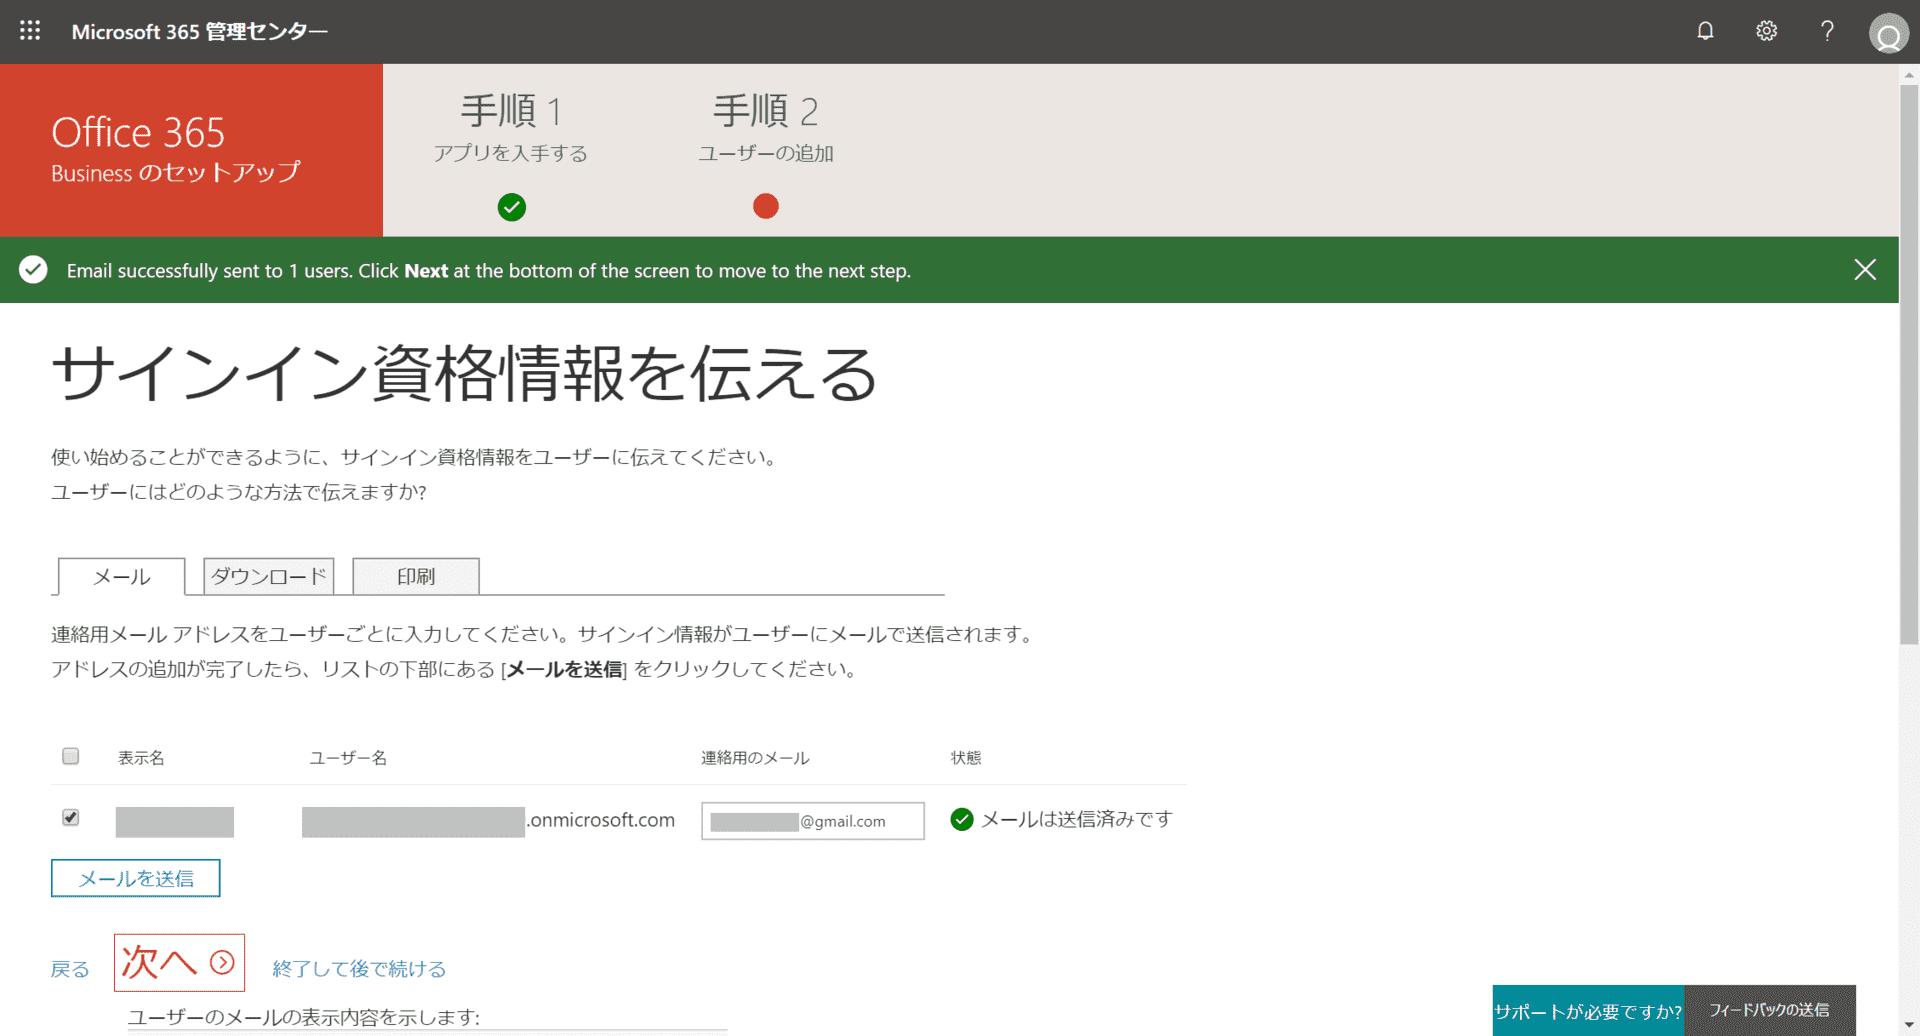 ユーザーへのメール送信